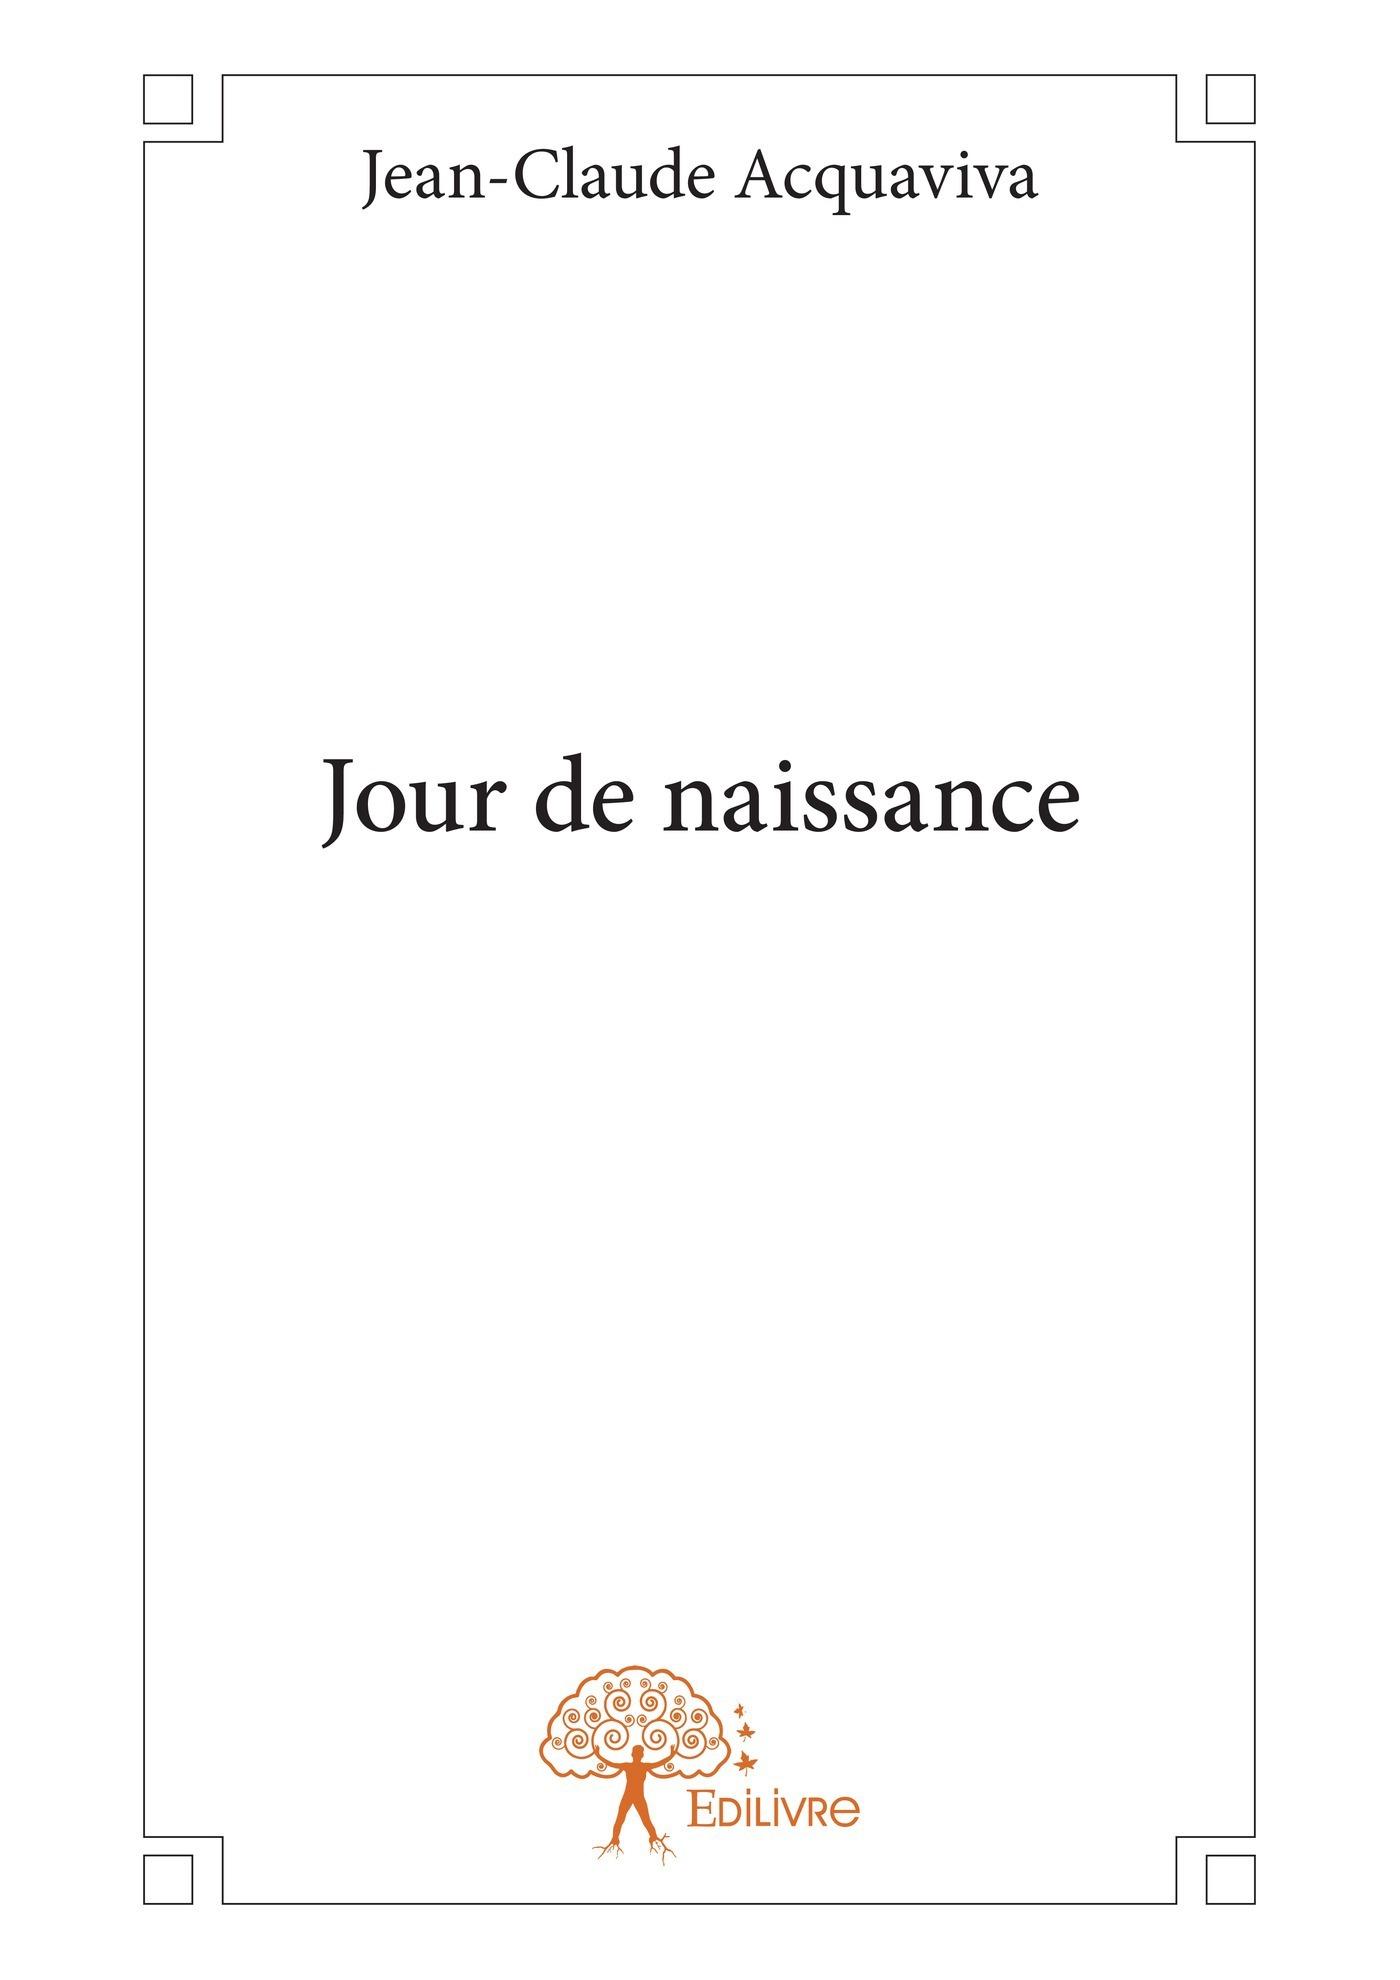 Jour de naissance  - Jean-Claude Acquaviva